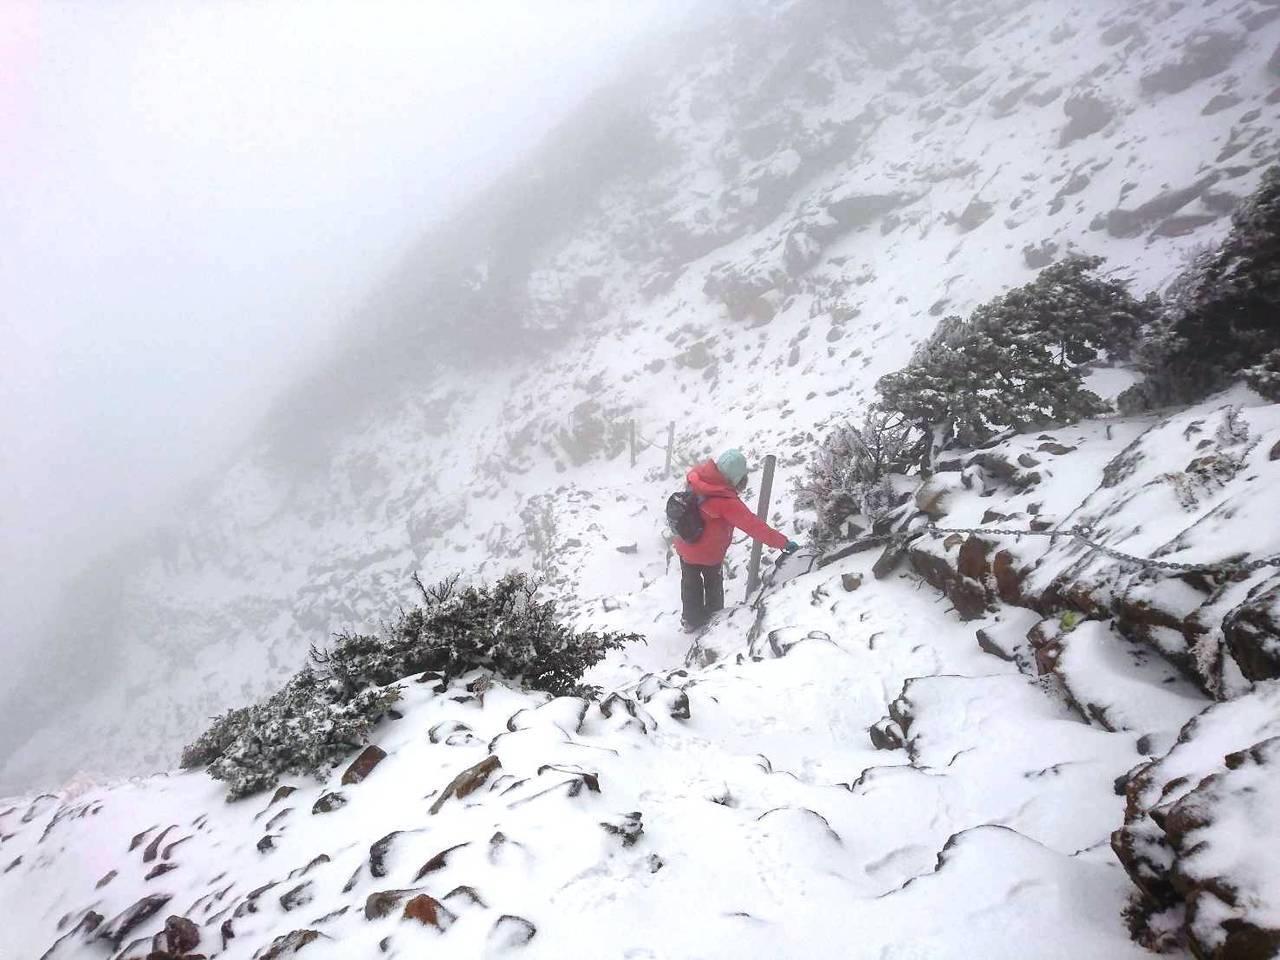 玉山步道風口處今天積雪已達5公分,玉管處呼籲遊客最近登玉山要注意保暖,路況積雪結...